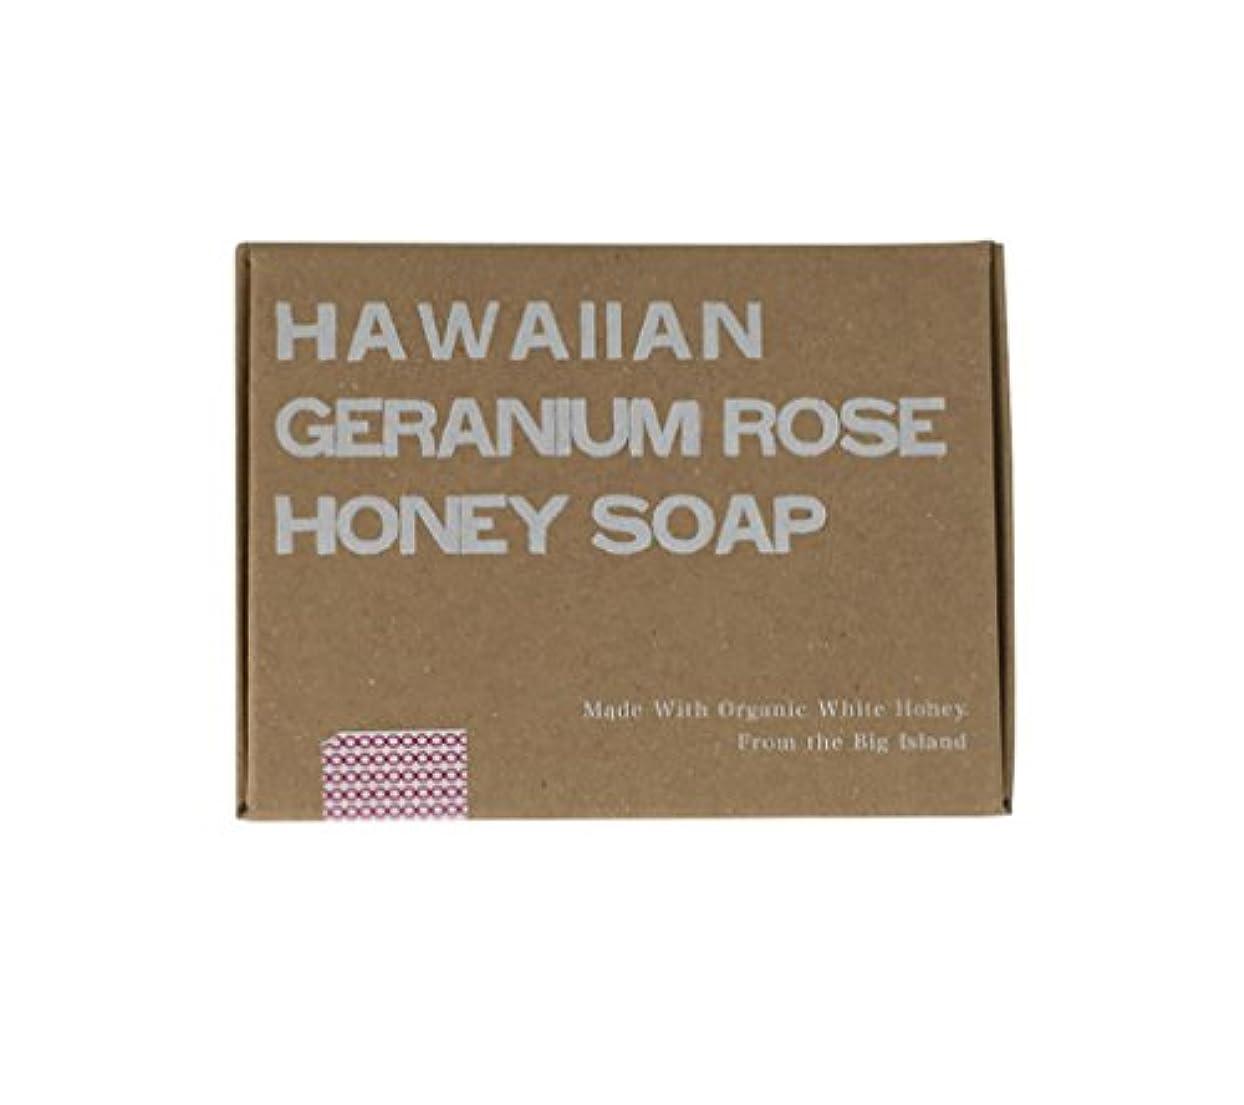 とにかく管理する失業者ホワイトハニーオーガニクス ハワイアン?ゼラニウムローズ?ハニーソープ (Hawaiian Geranium Rose Honey Soap)